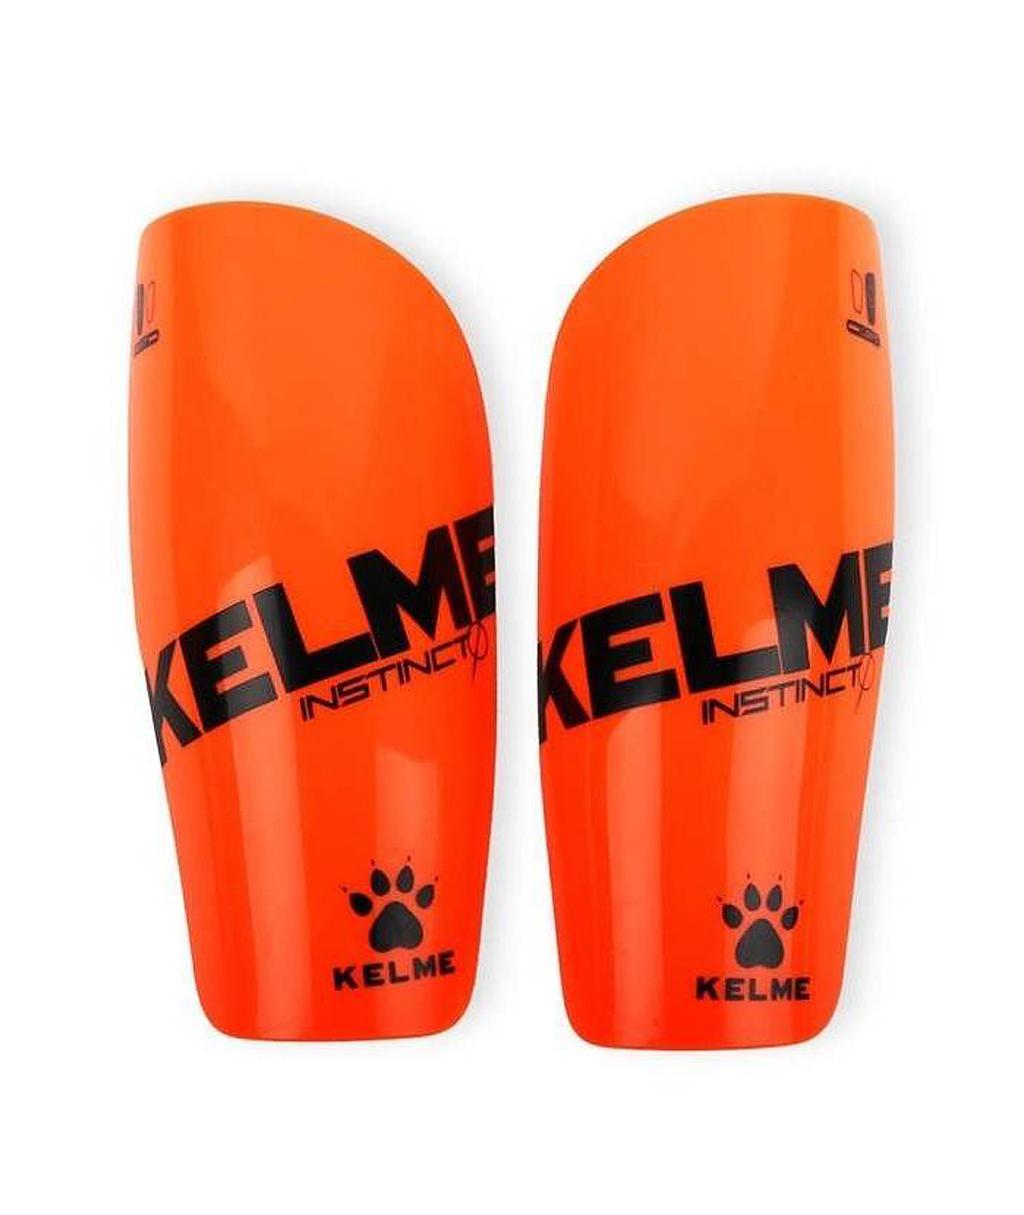 Купить оранжевые щитки Kelme Instinct K15S948-932 вкладыши в интернет-магазине